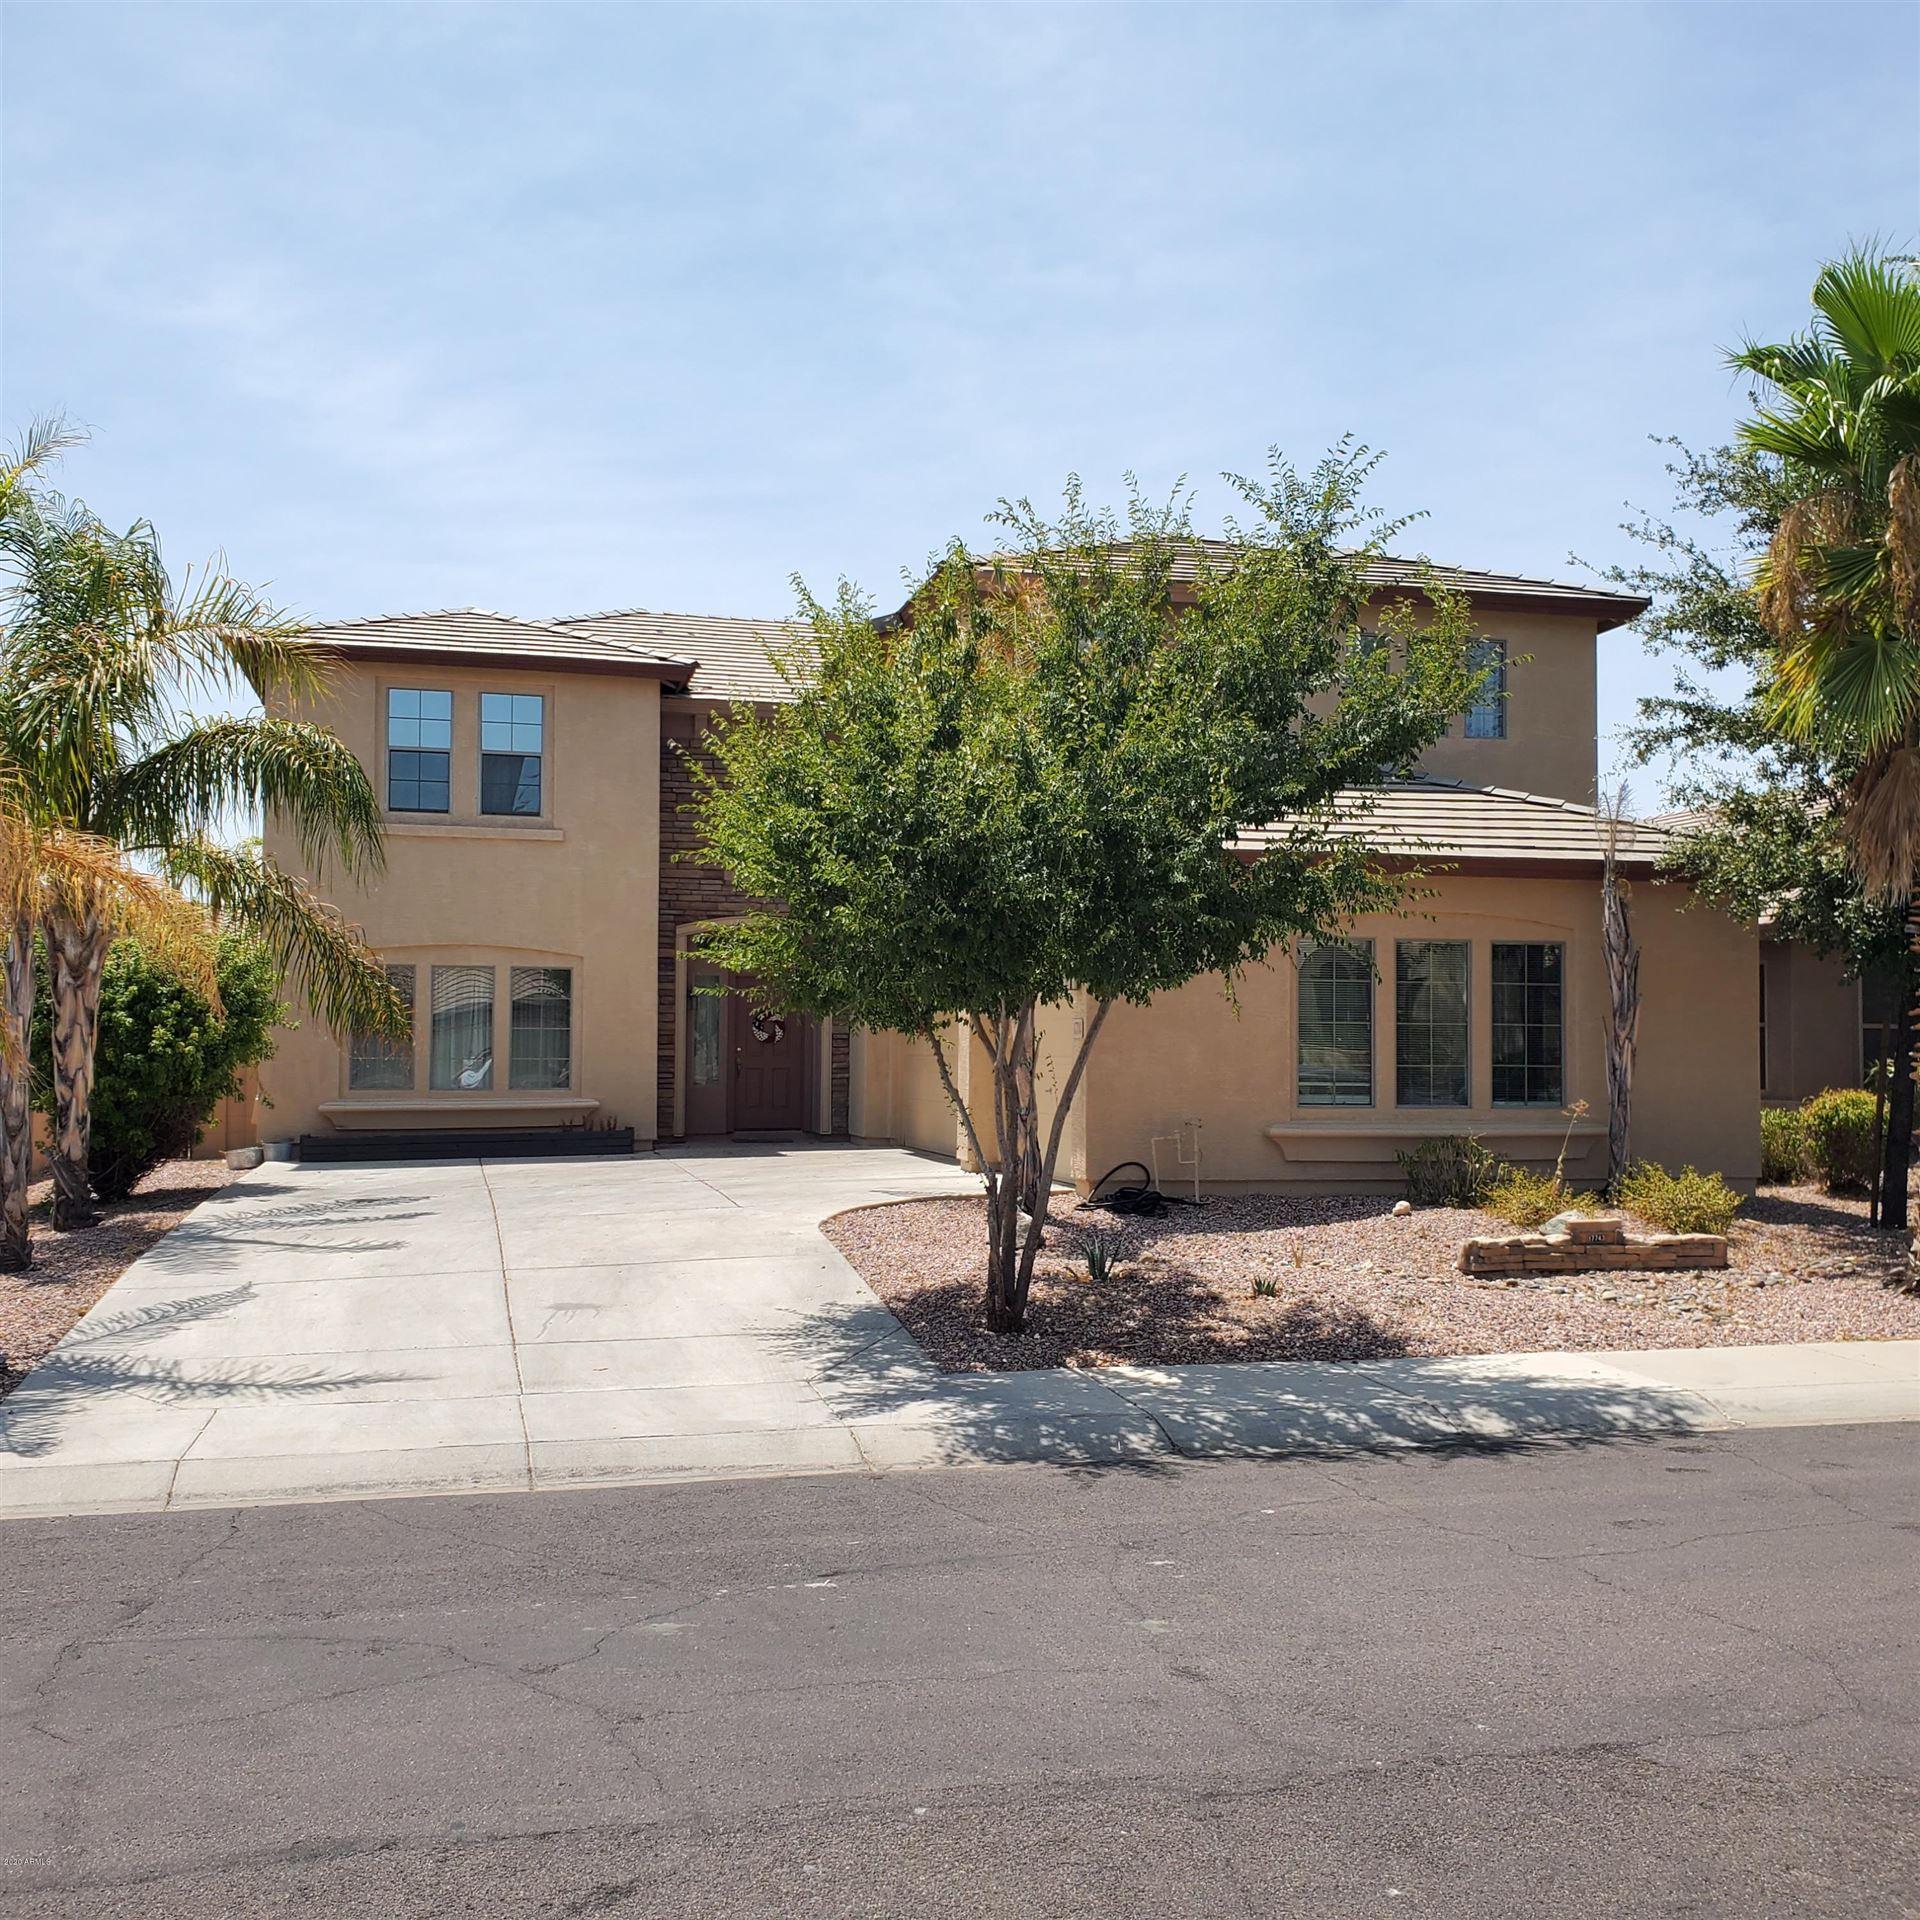 17743 W EVANS Drive, Surprise, AZ 85388 - MLS#: 6112764